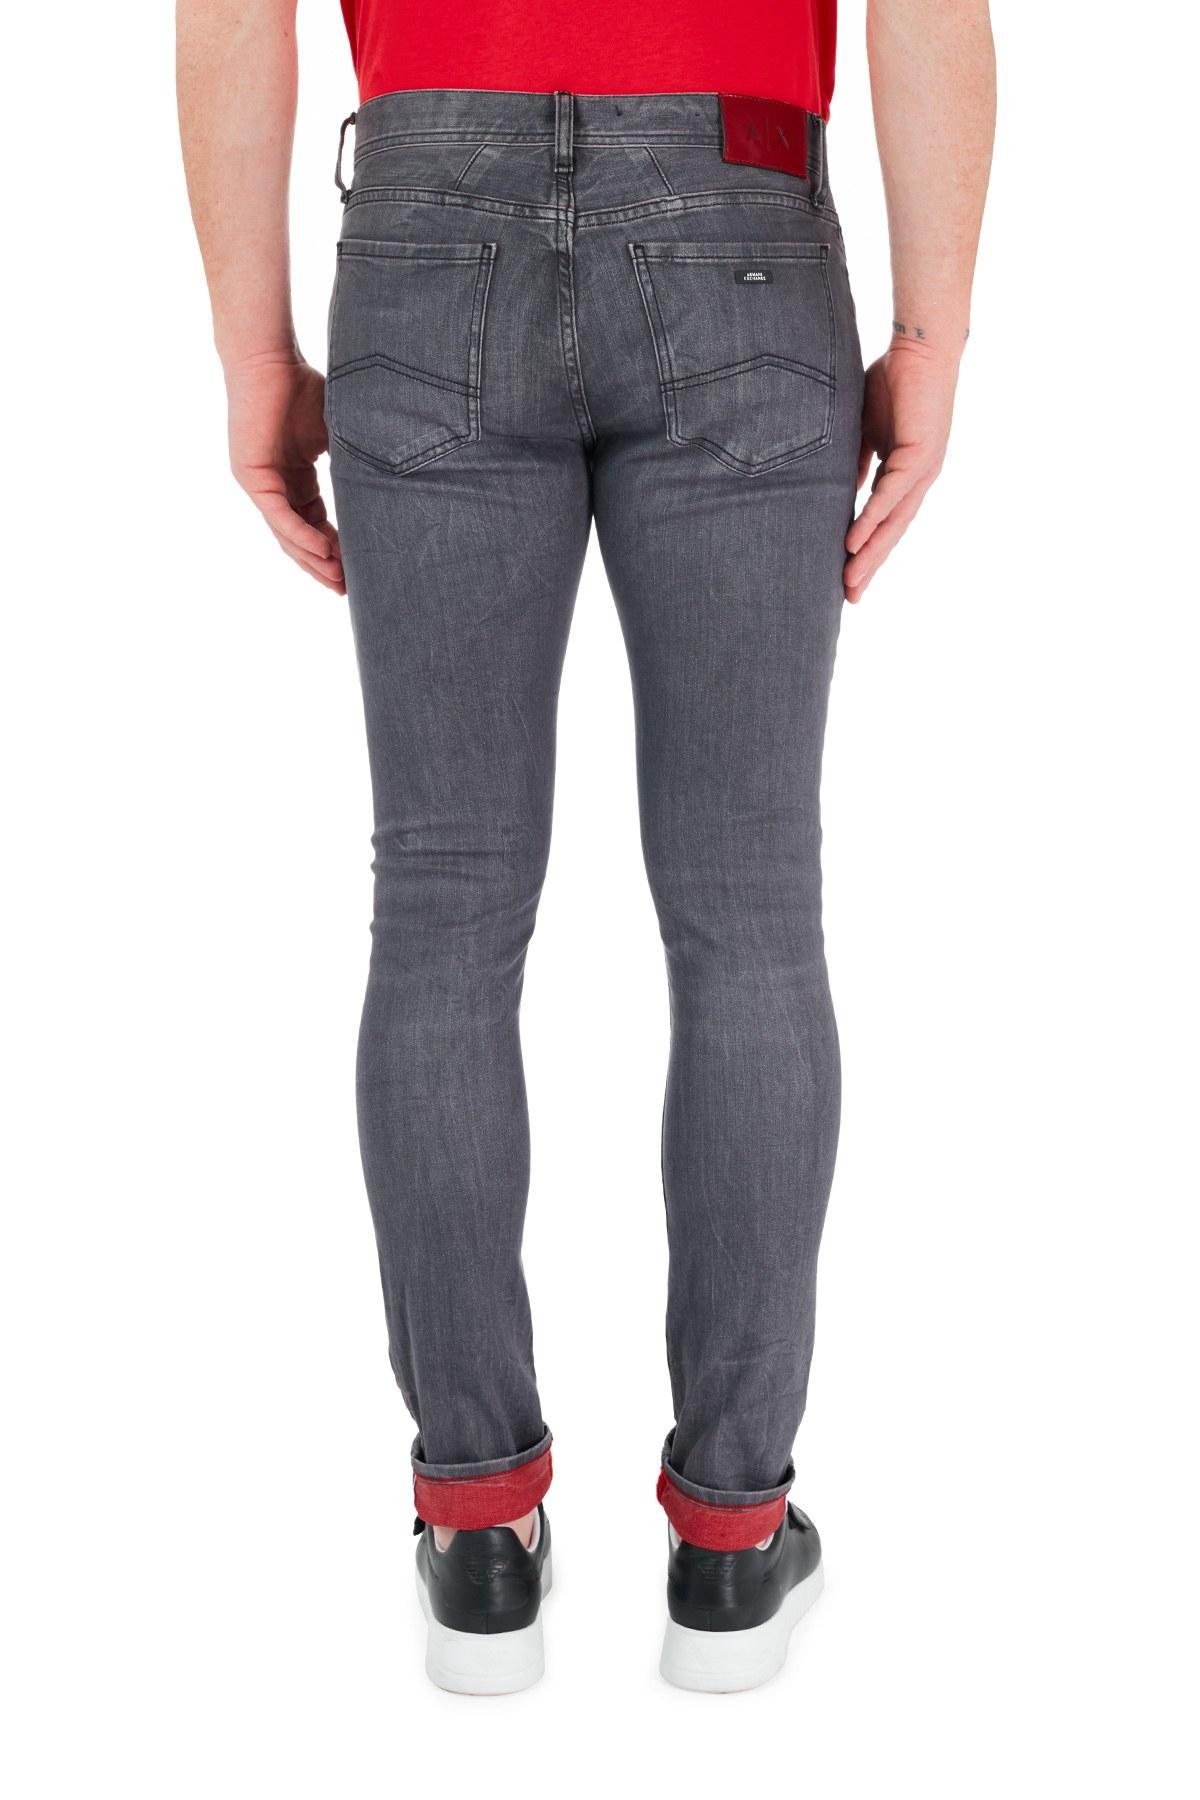 Armani Exchange J33 Jeans Erkek Kot Pantolon 6GZJ33 Z1QHZ 0204 SİYAH